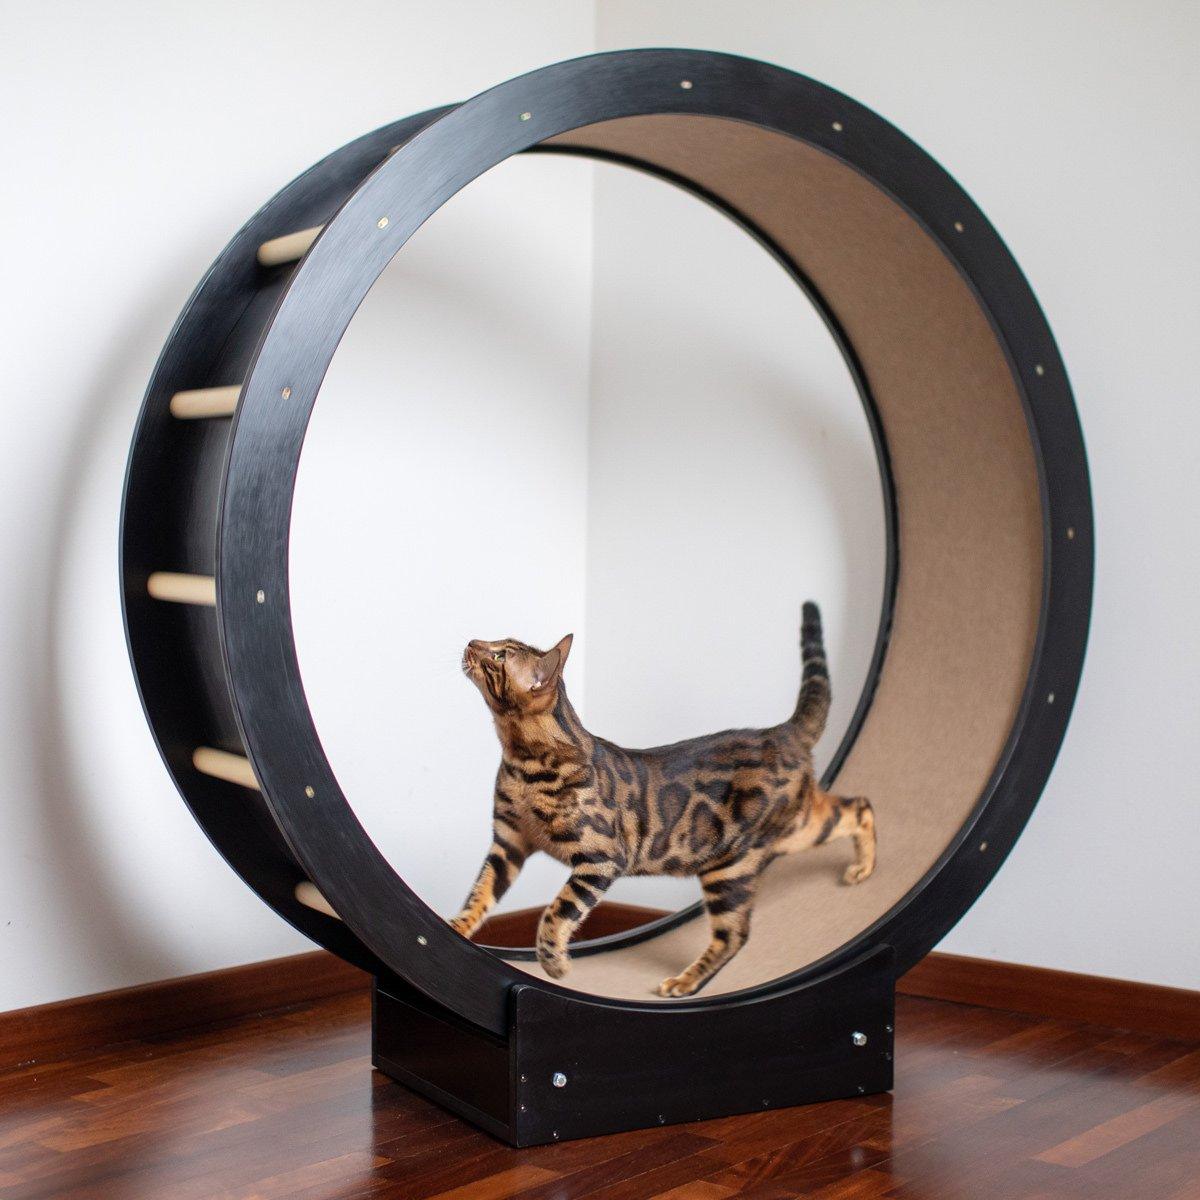 Percorsi-per-gatti-Ruota-NE-3-square